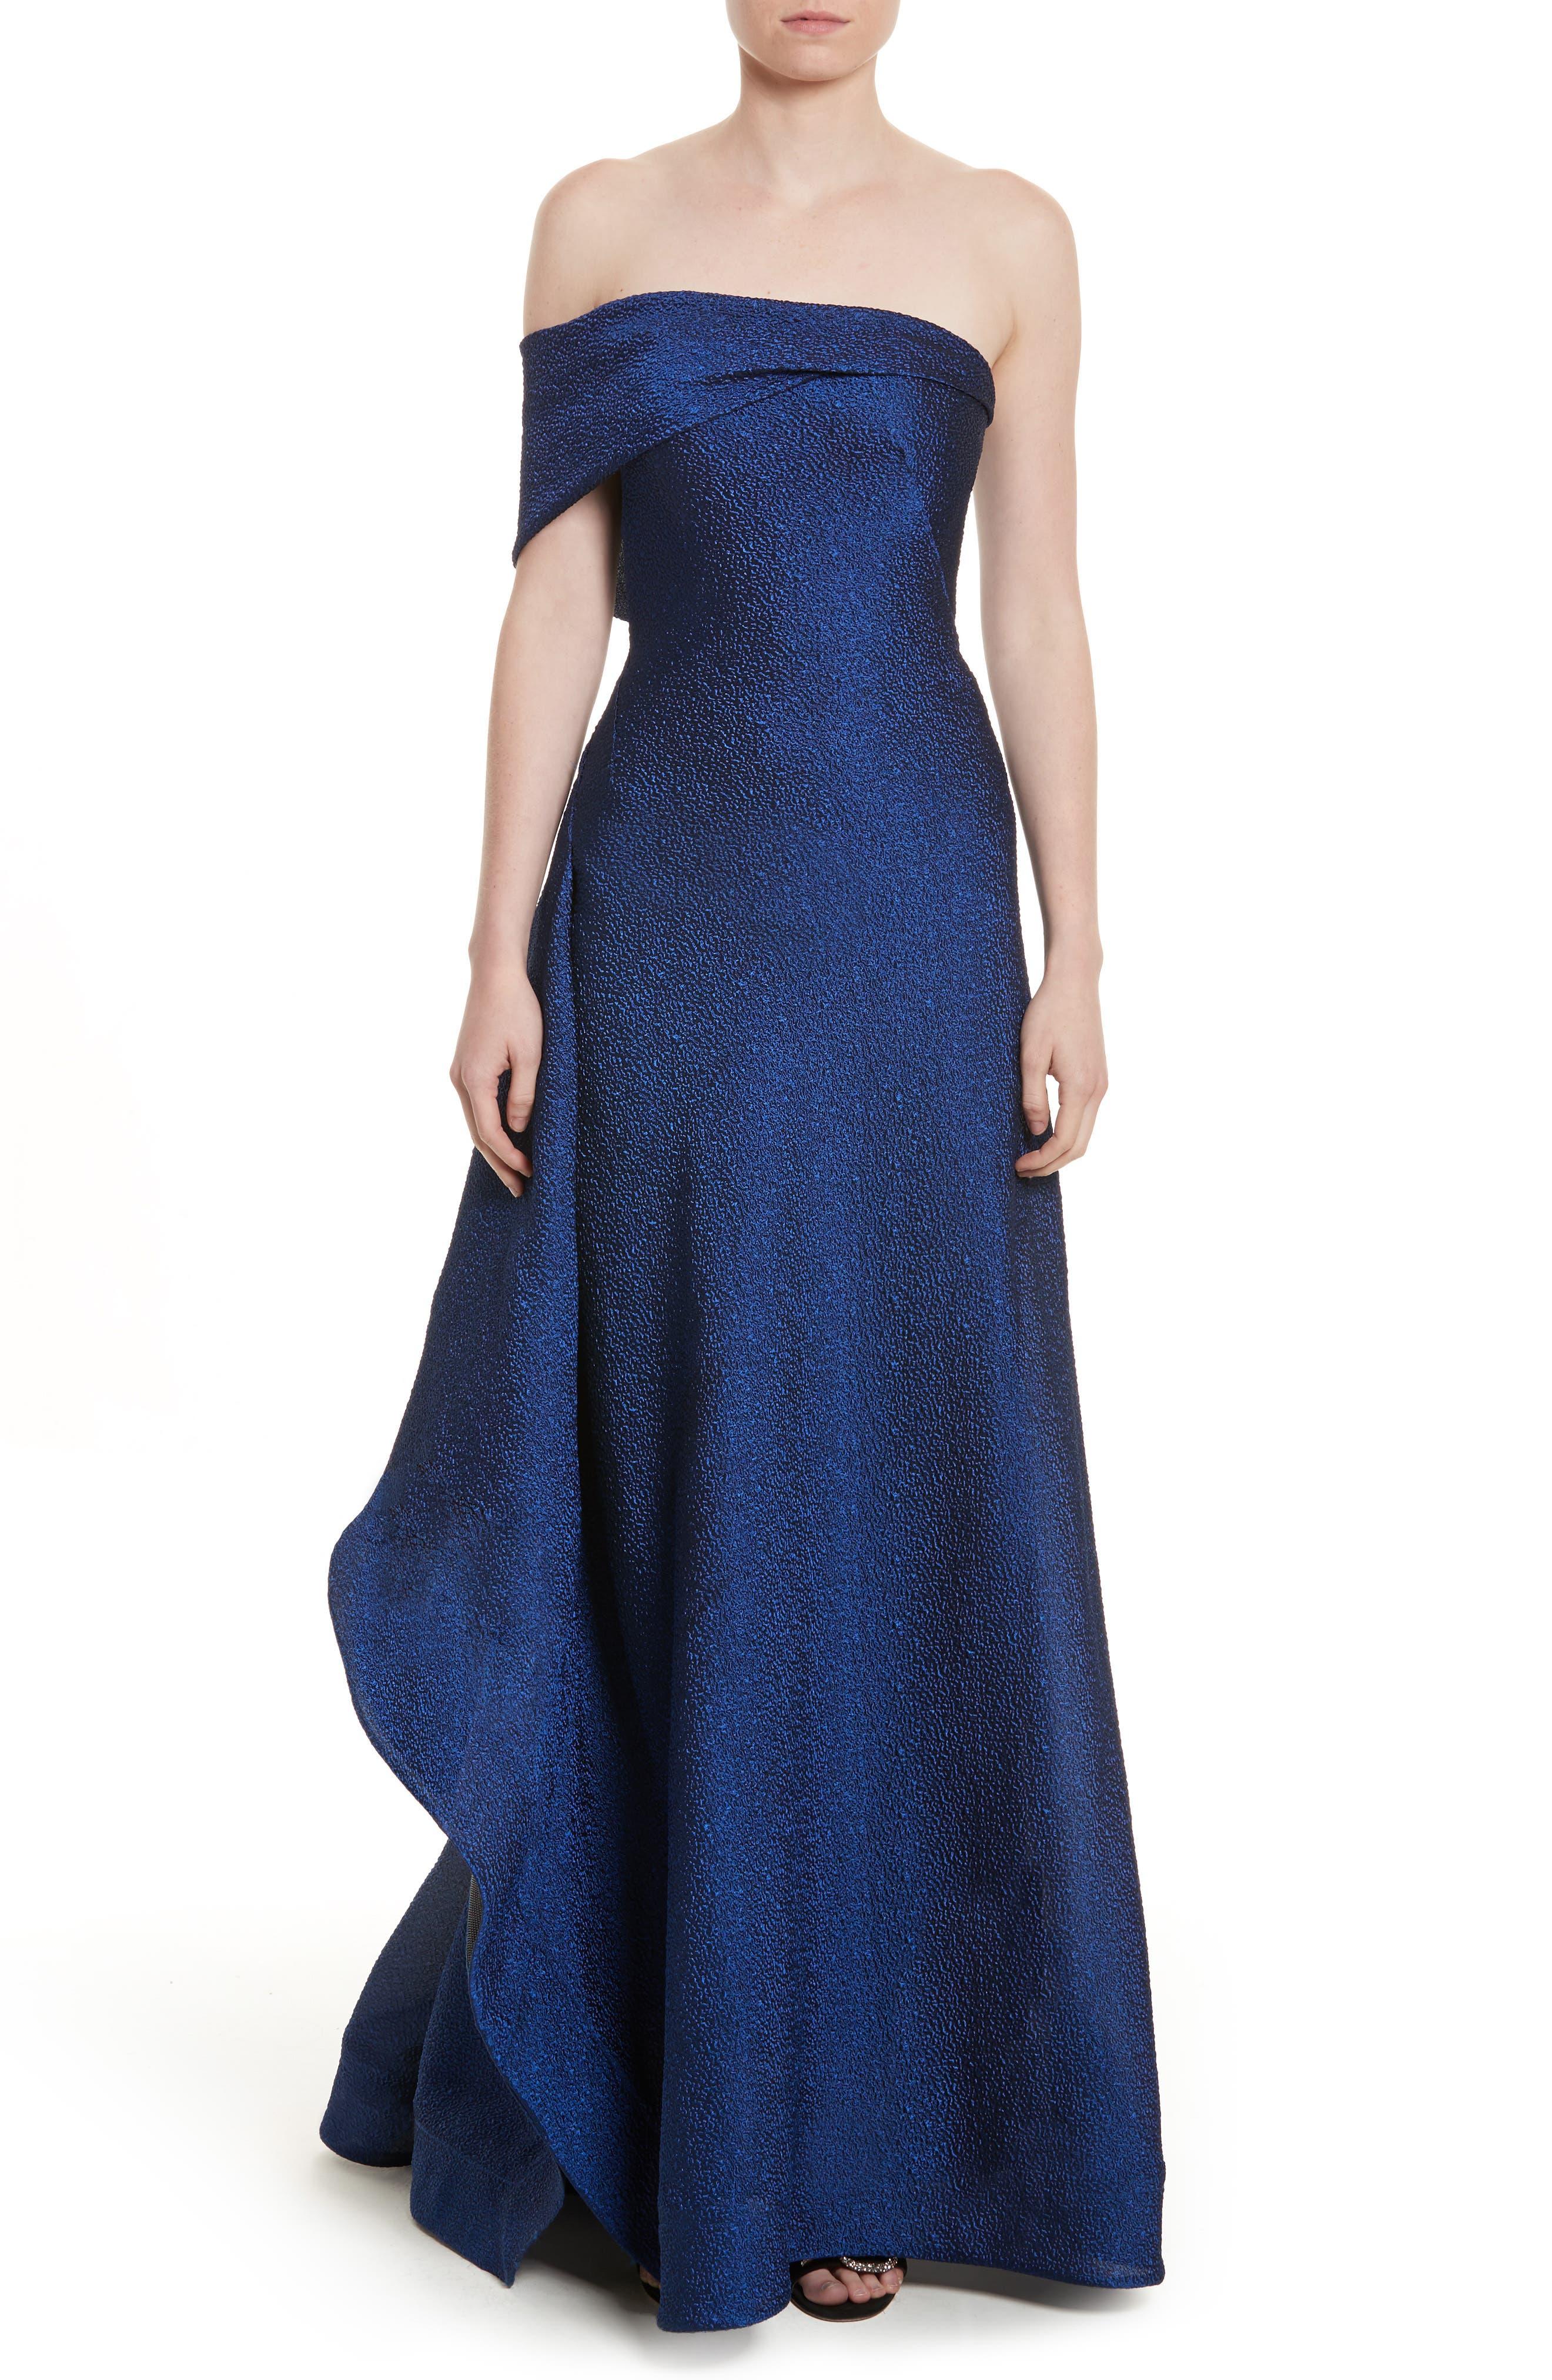 Alternate Image 1 Selected - Rubin Singer Side Drape Strapless Gown